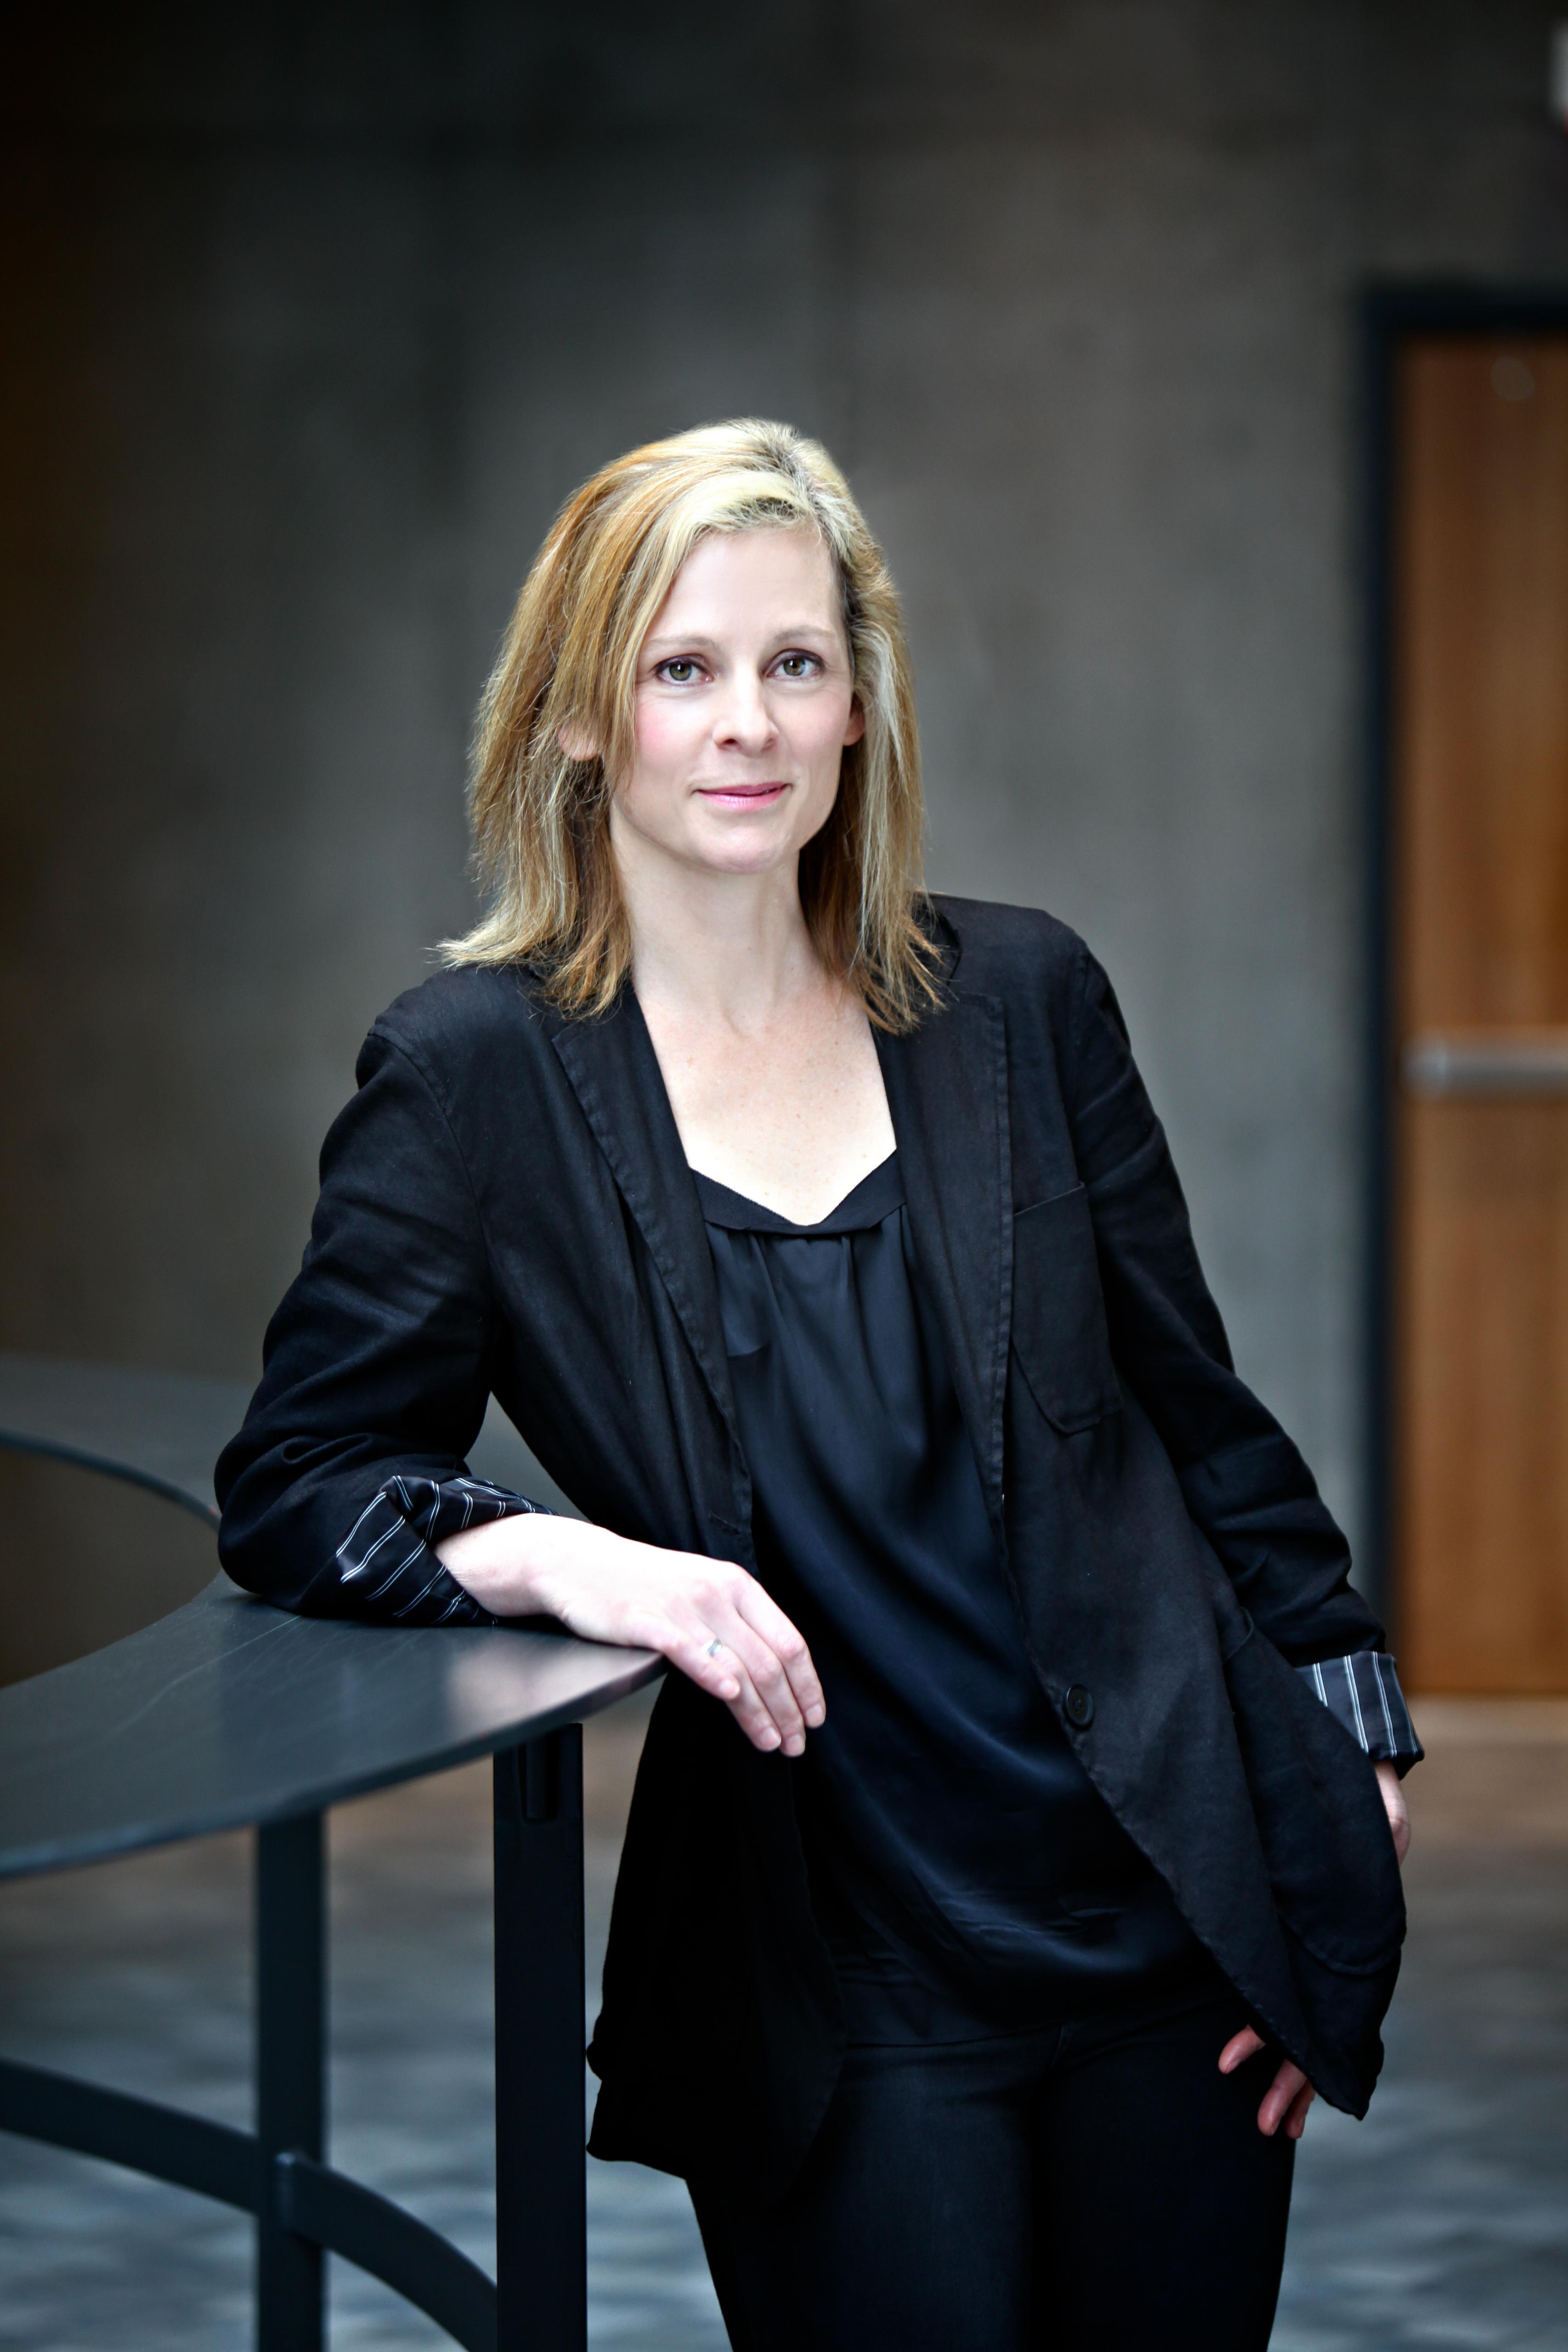 Dr. Jennifer Fraser